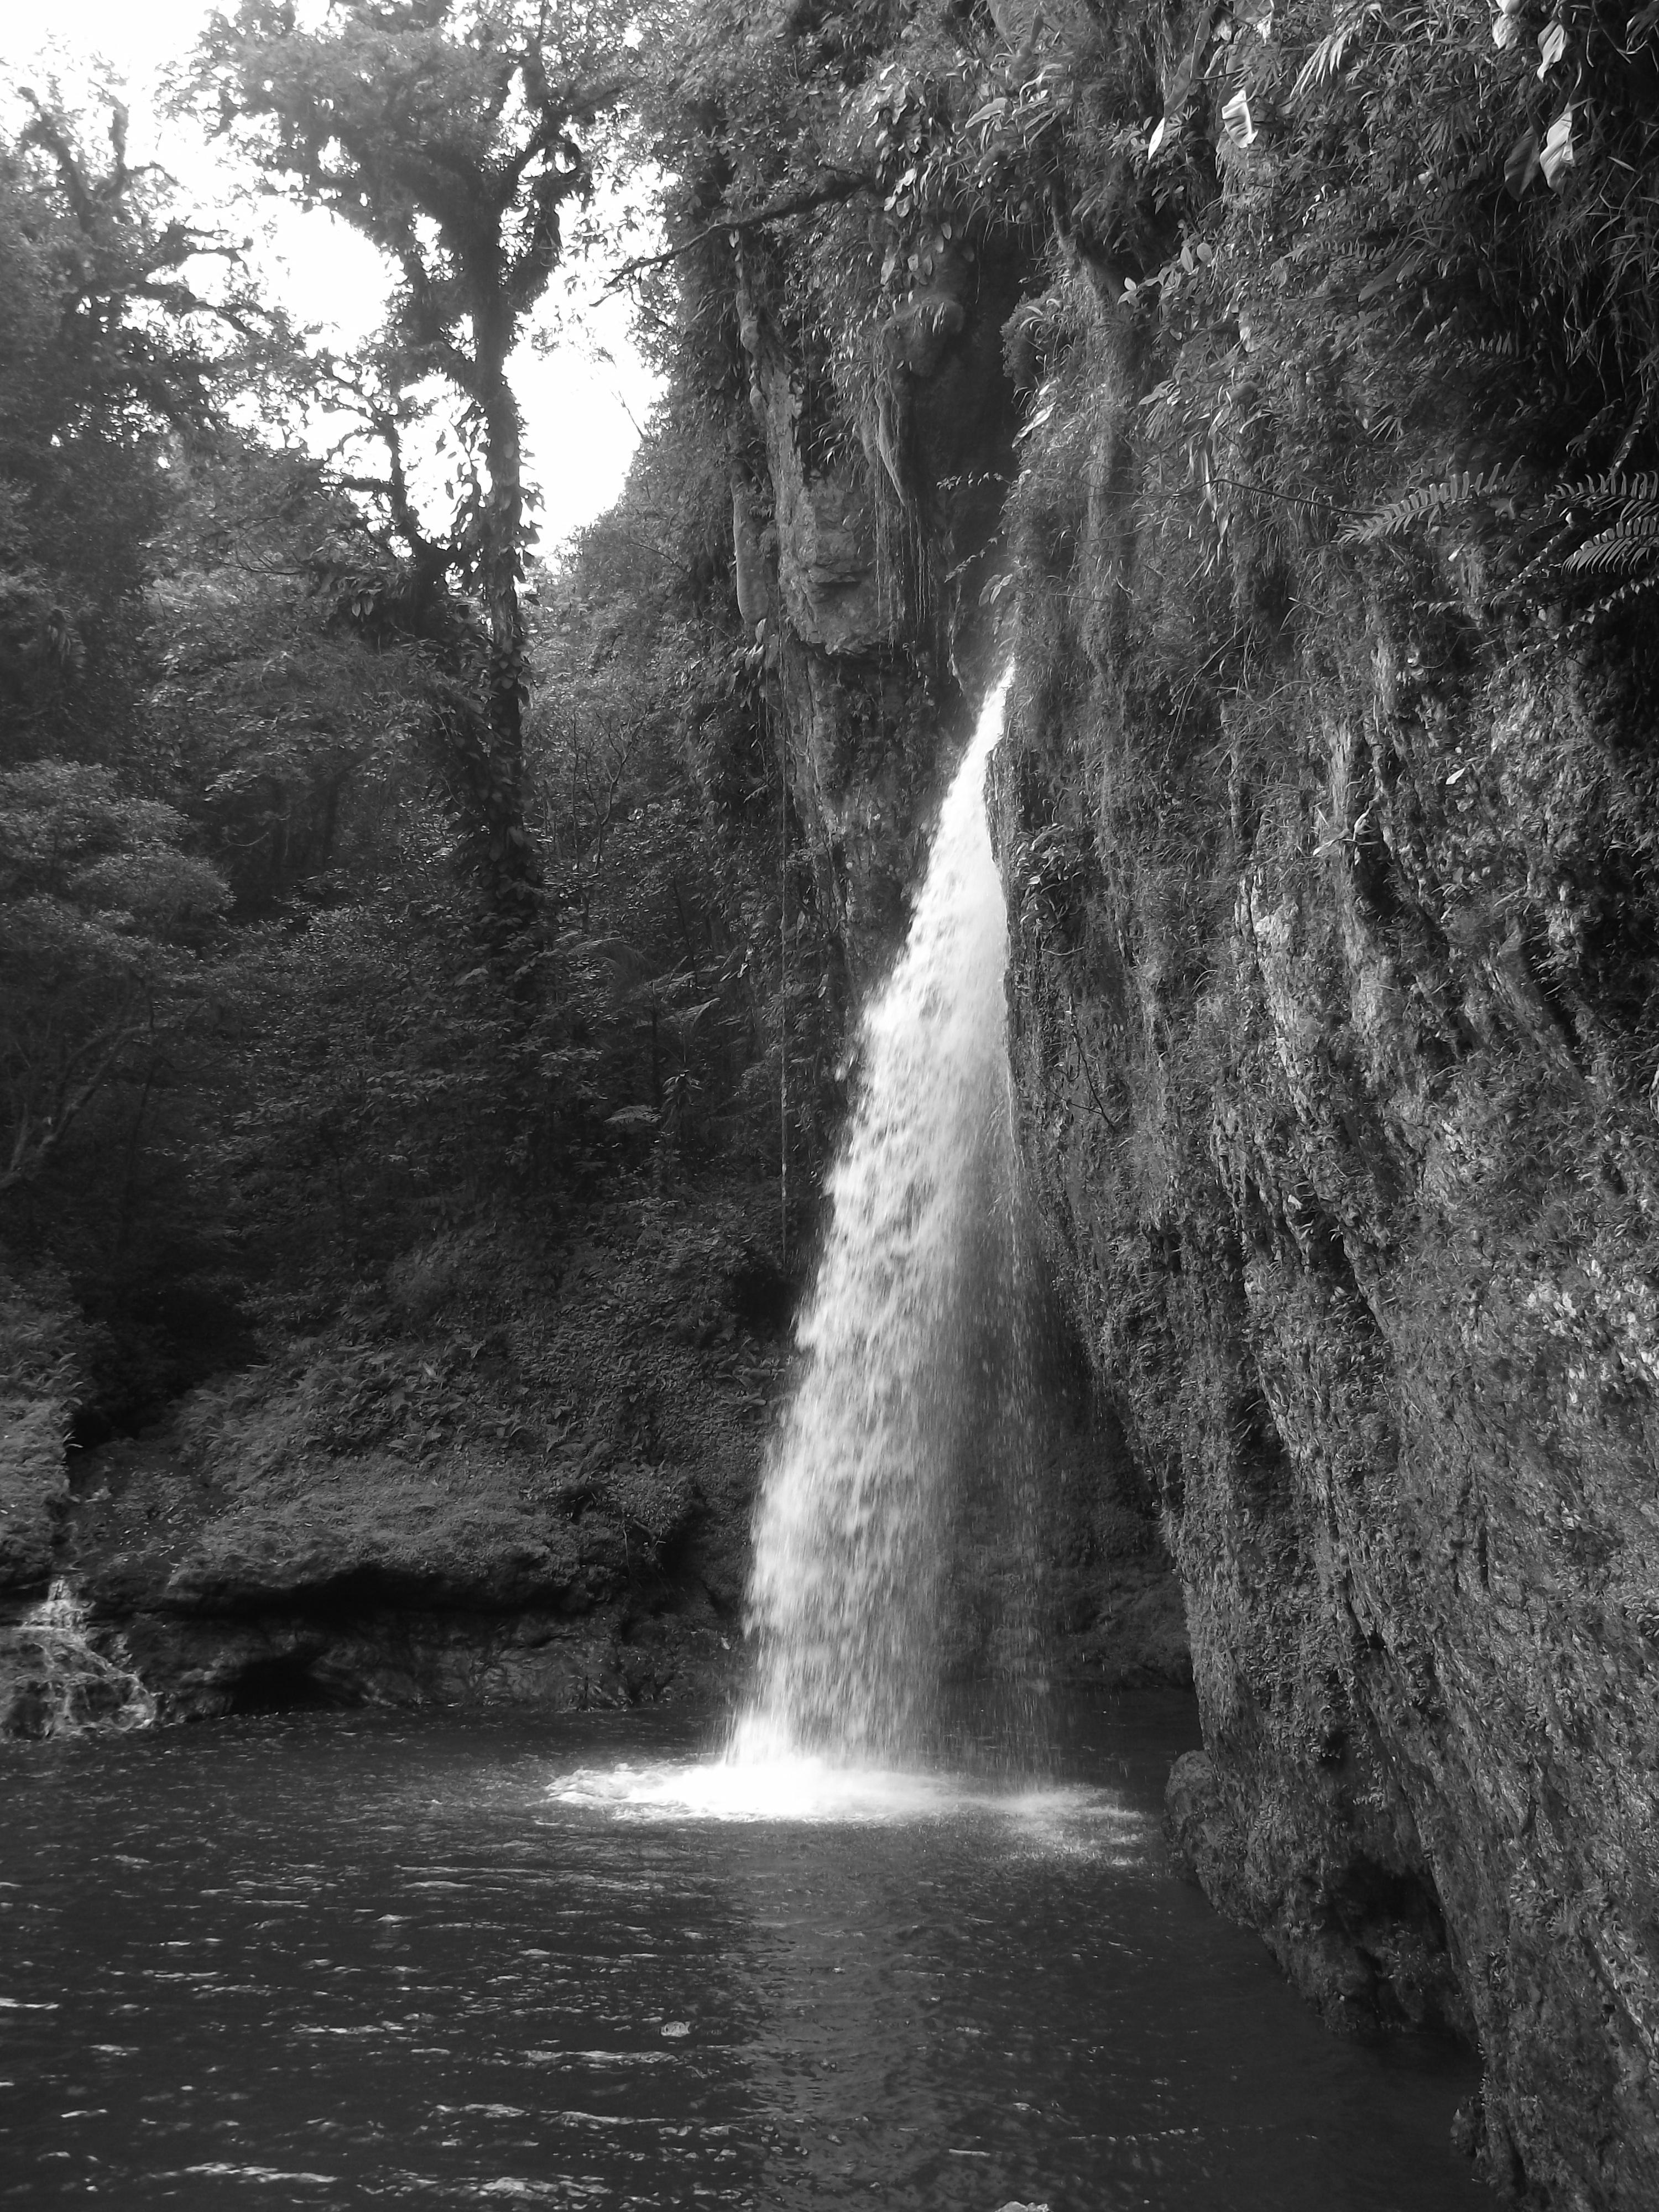 узнать, черно белые картинки водопад сотрудничесво подтвердило надежность